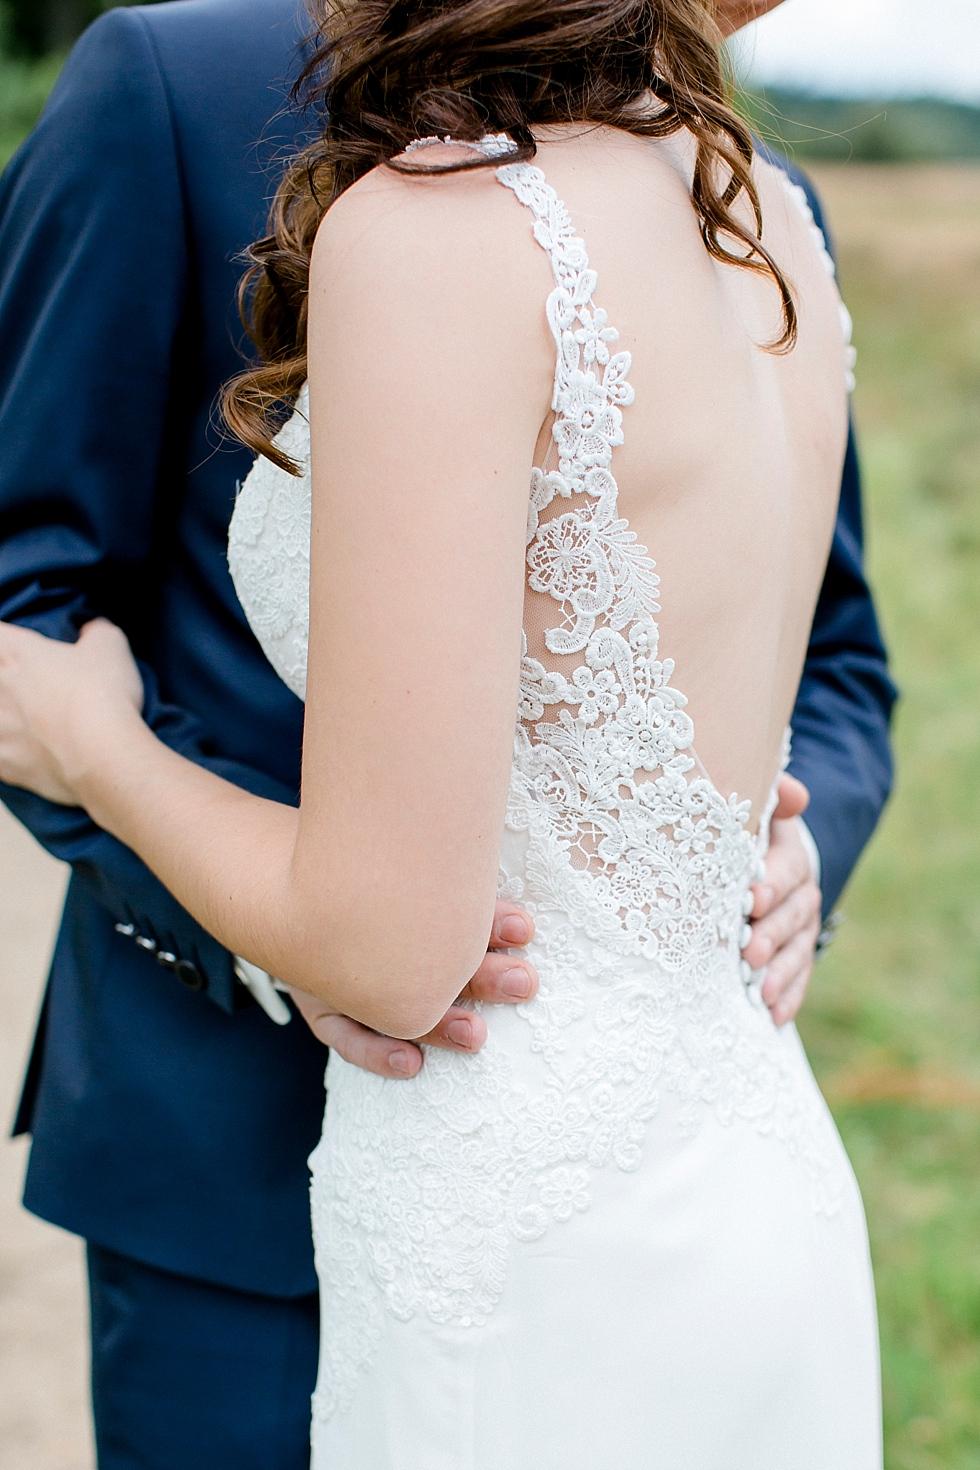 Spitzenkleid, freier Rücken beim Brautkleid, Heiraten im Haverbeckhof Bispingen - Jana Richter fotografie-21.jpg